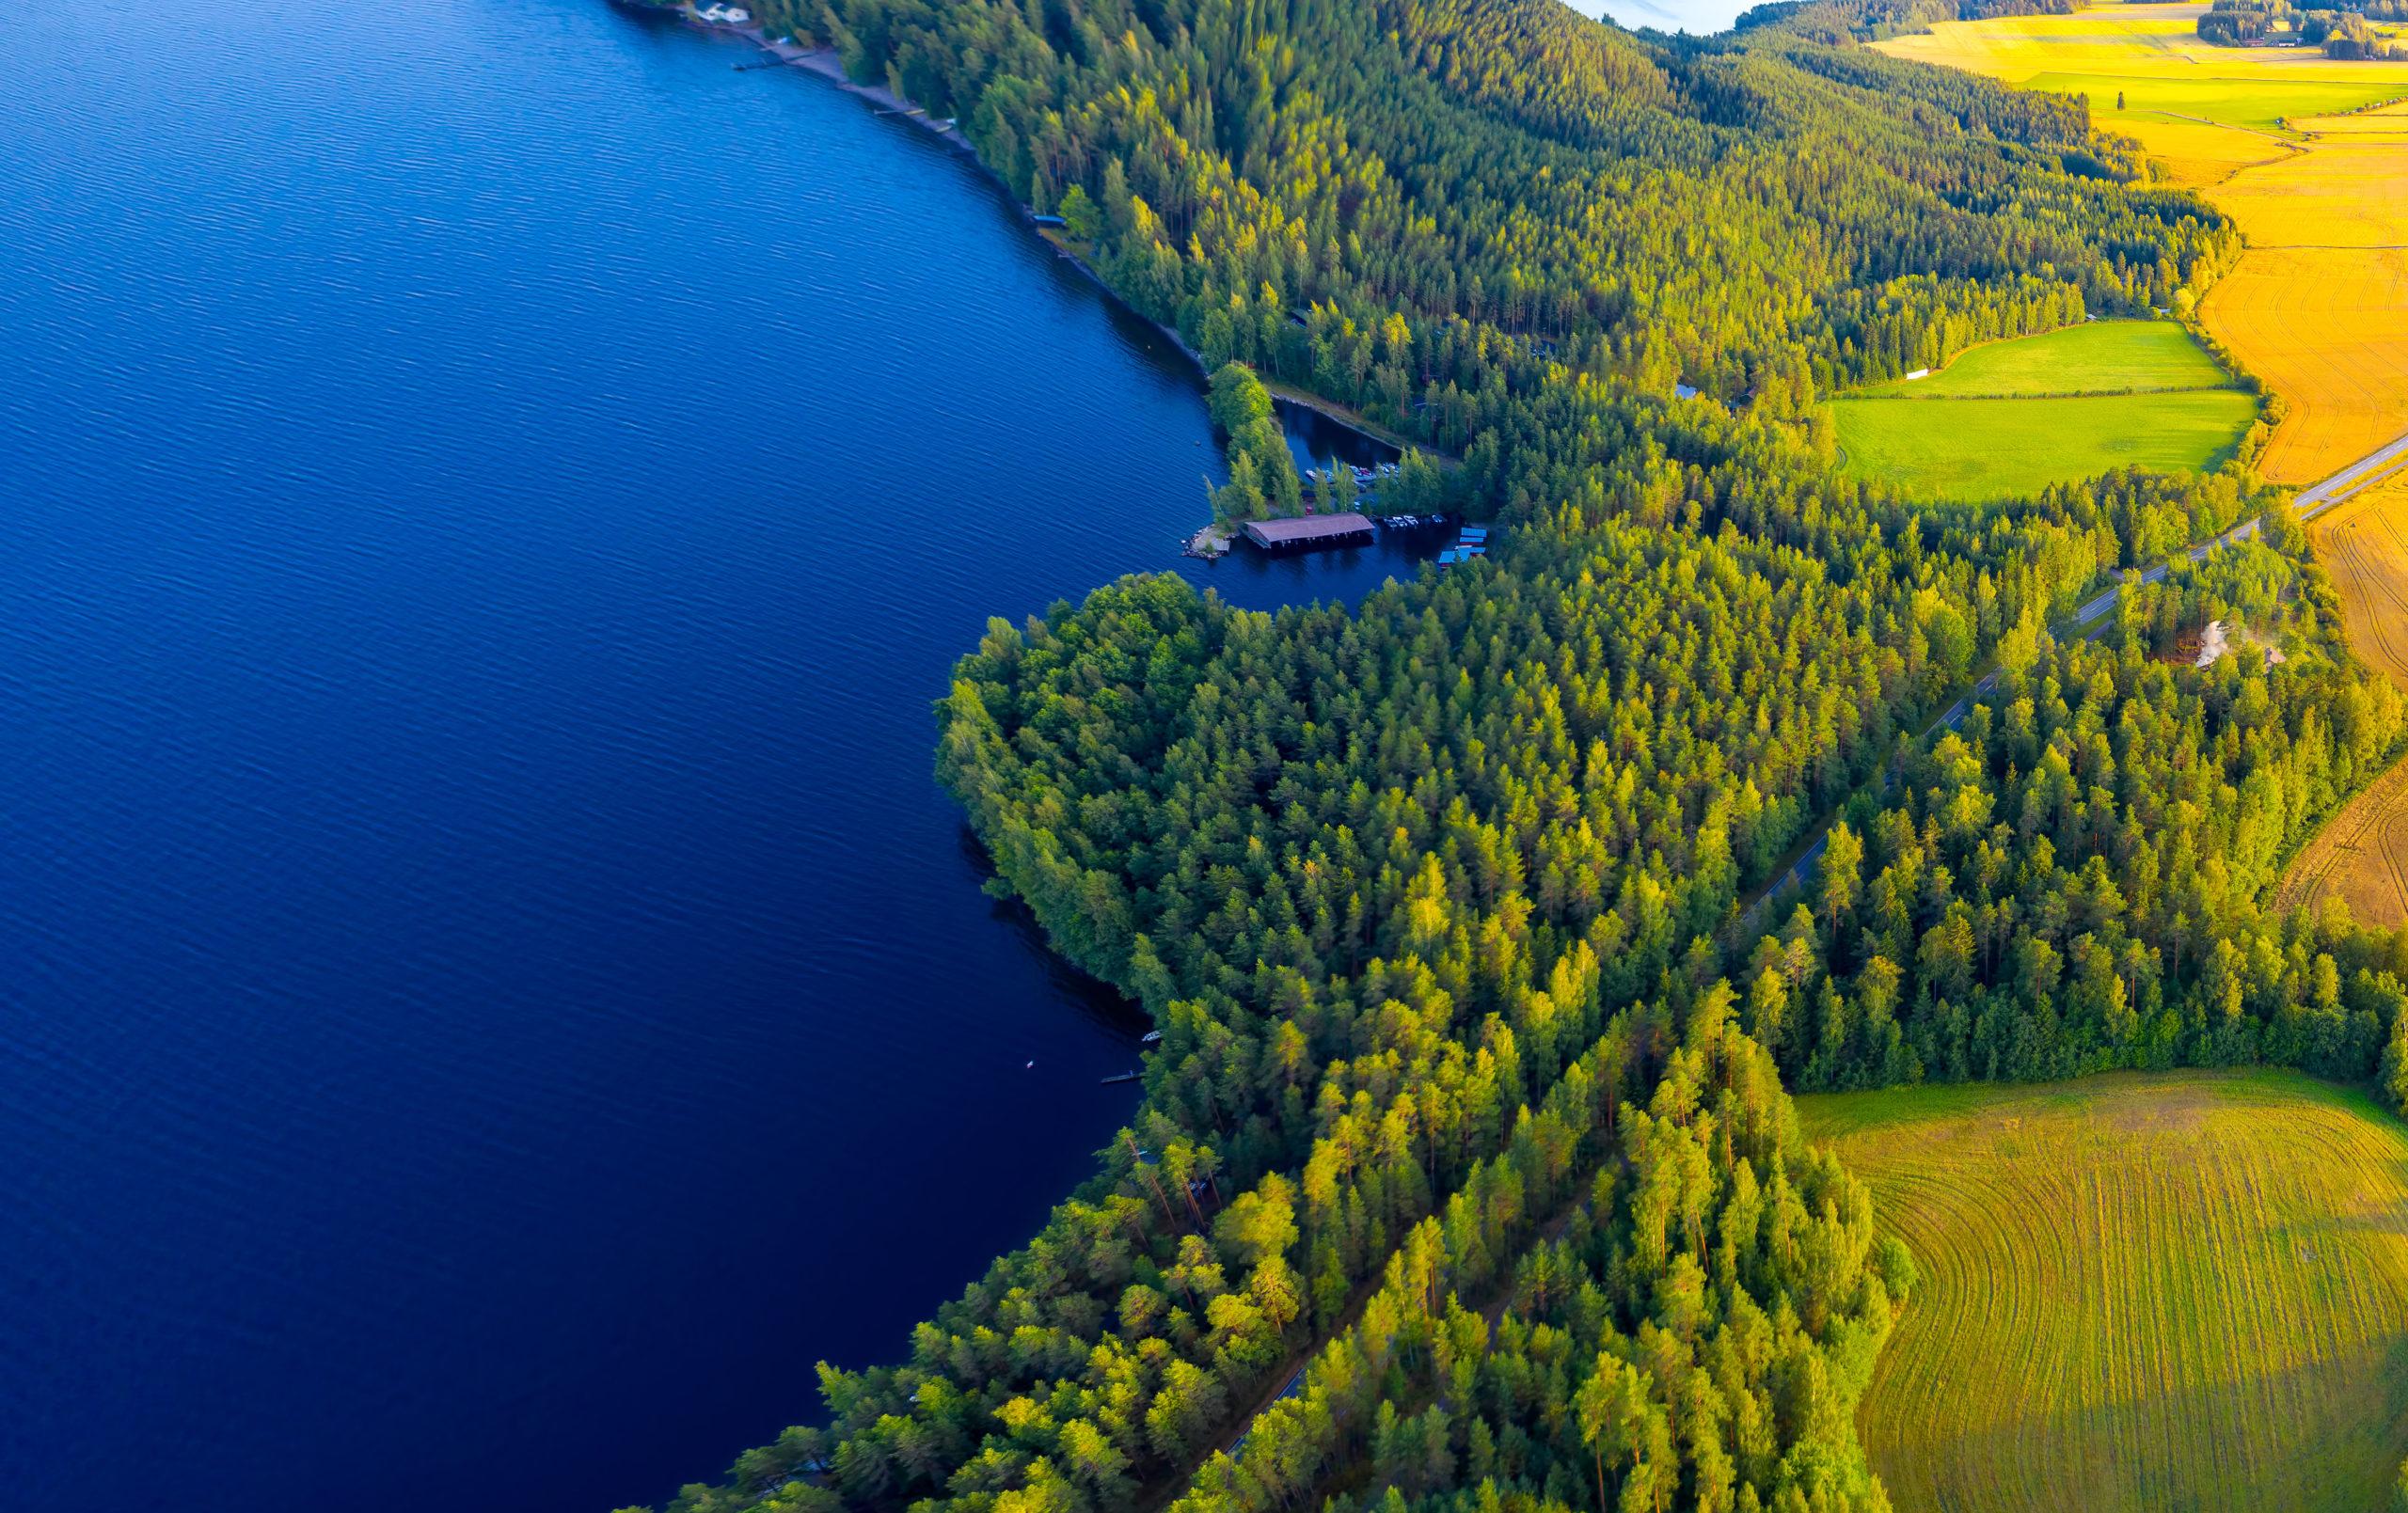 Ilmakuva Pulkkilanharjulta, Päijänteen kansallispuistosta. Maisemassa sininen järvi, peltoja ja metsää aurinkoisena kesäpäivänä.